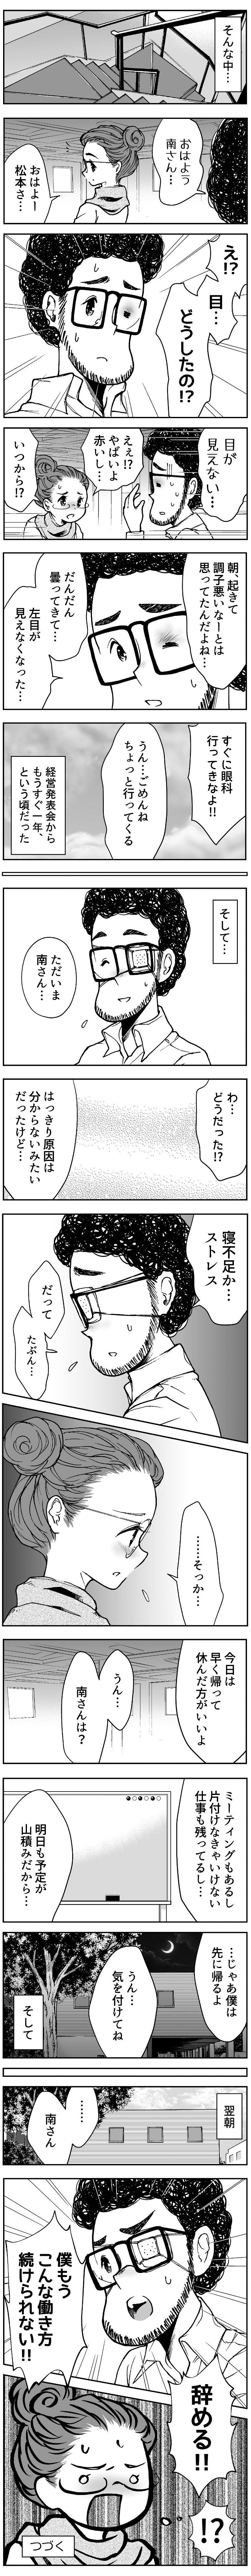 64-3.jpg